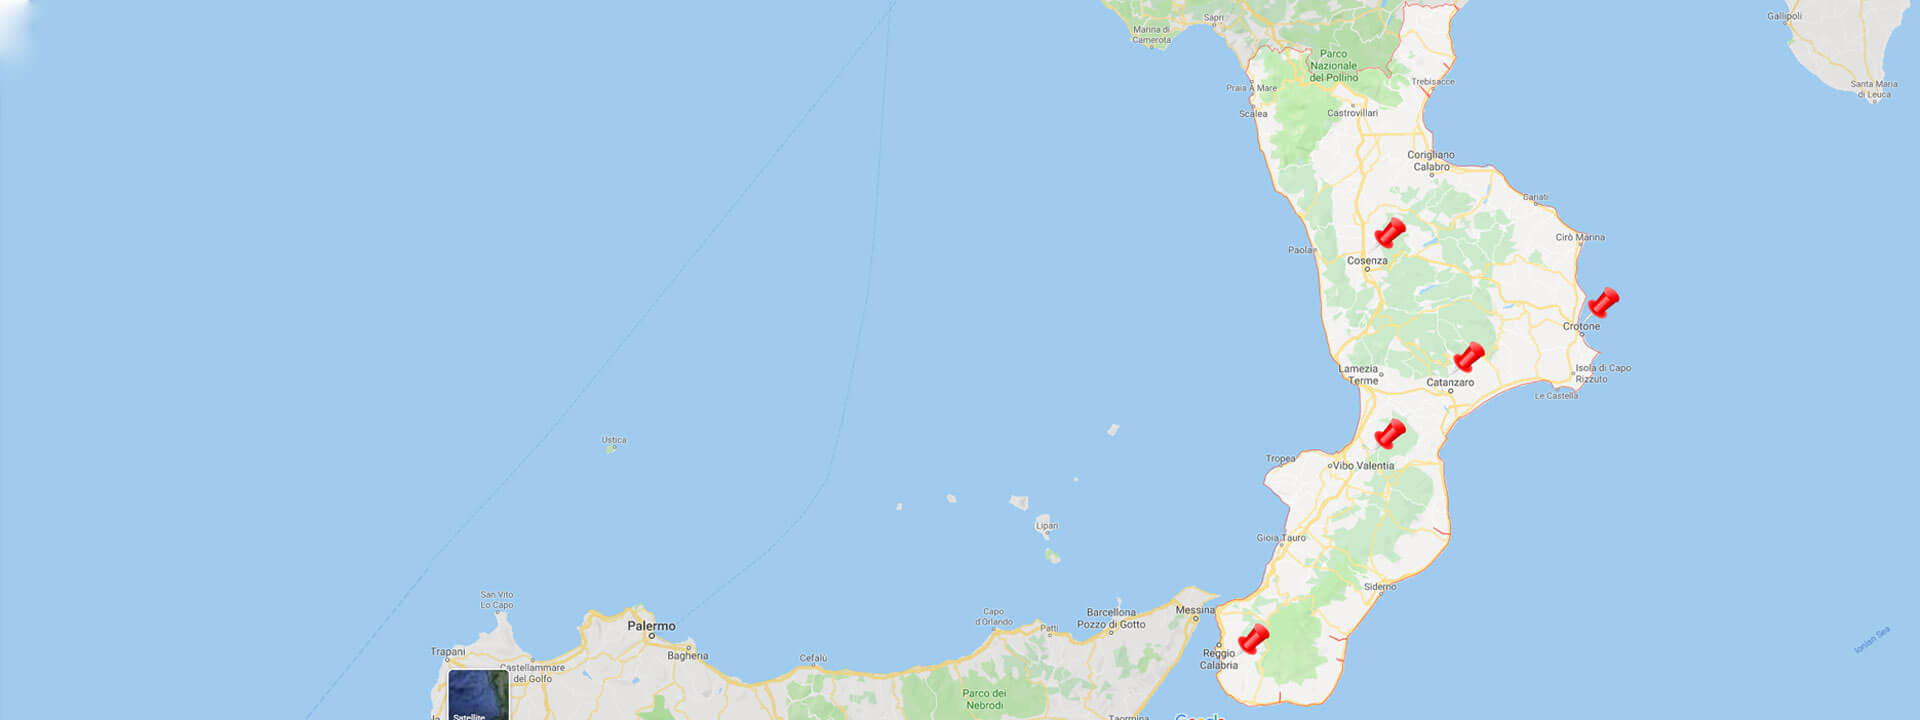 Serramentisti Calabria